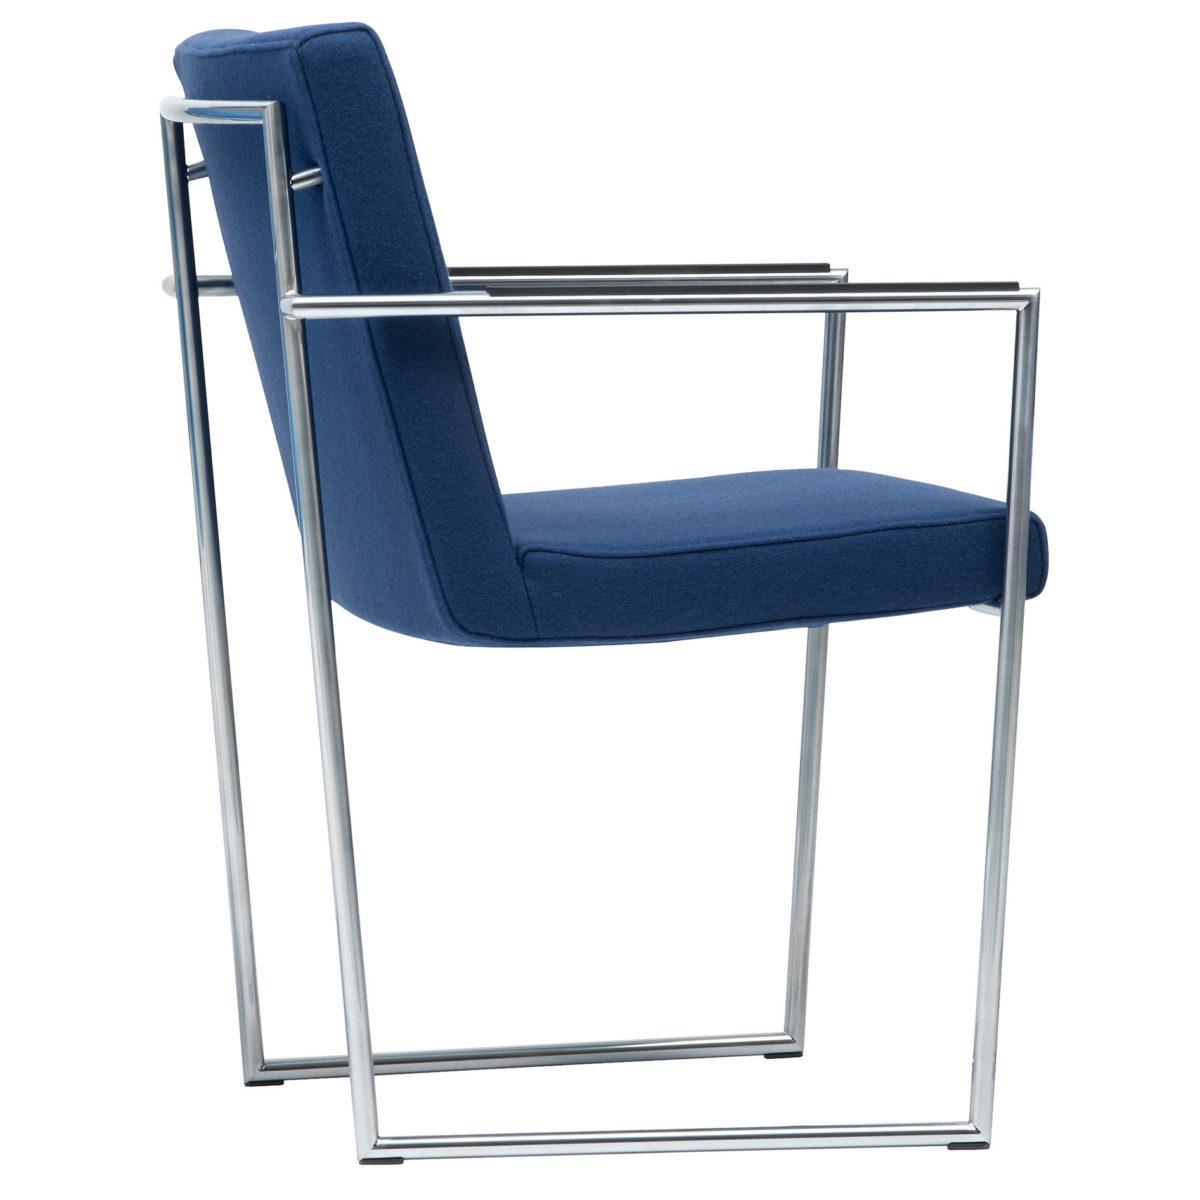 Harvink stoel dash 5